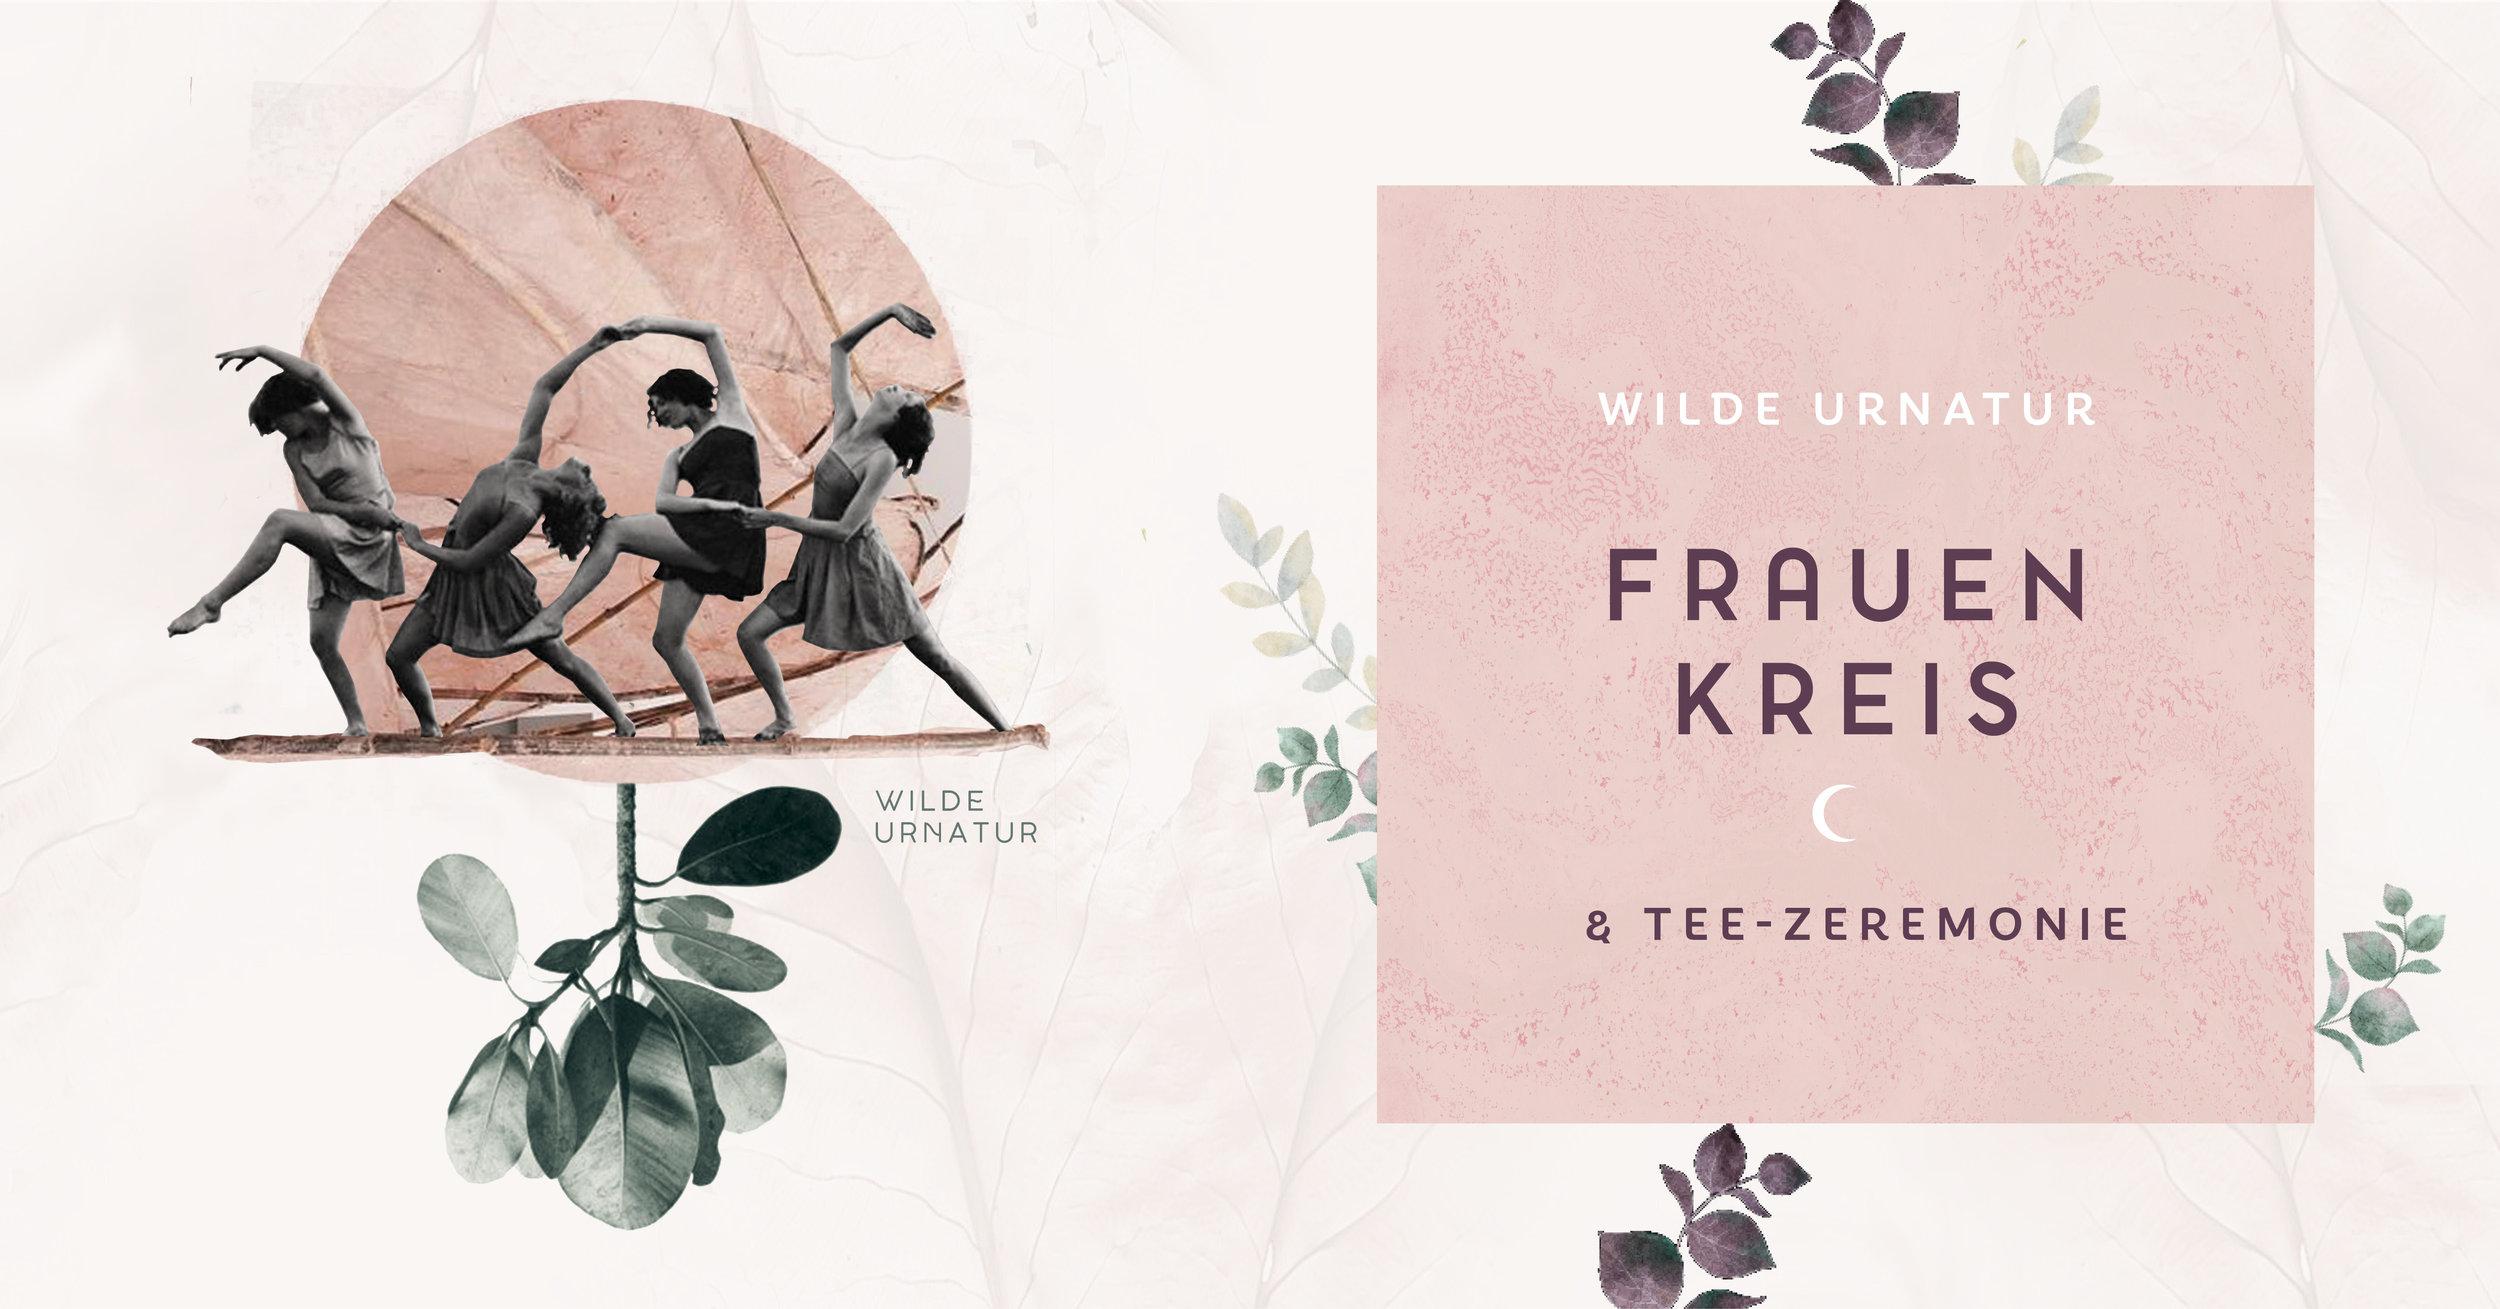 Wilde Urnatur Frauenkreis.jpg